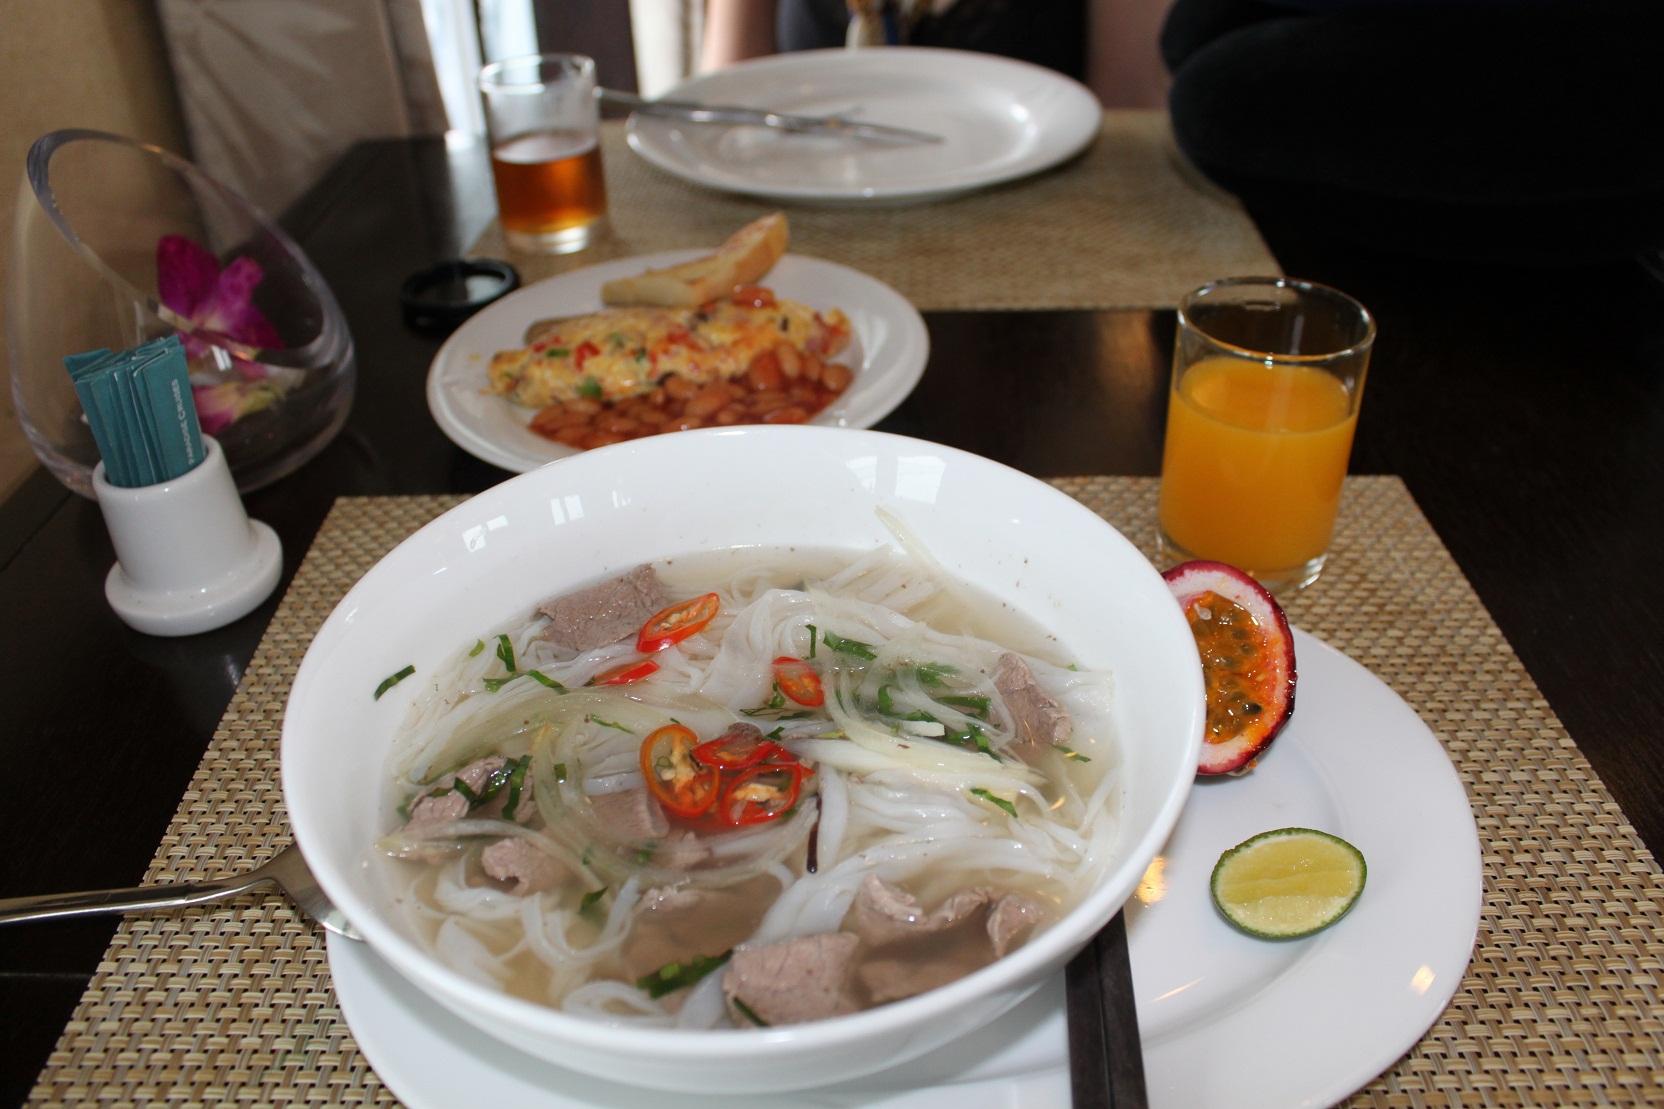 cafe da manhã no vietna